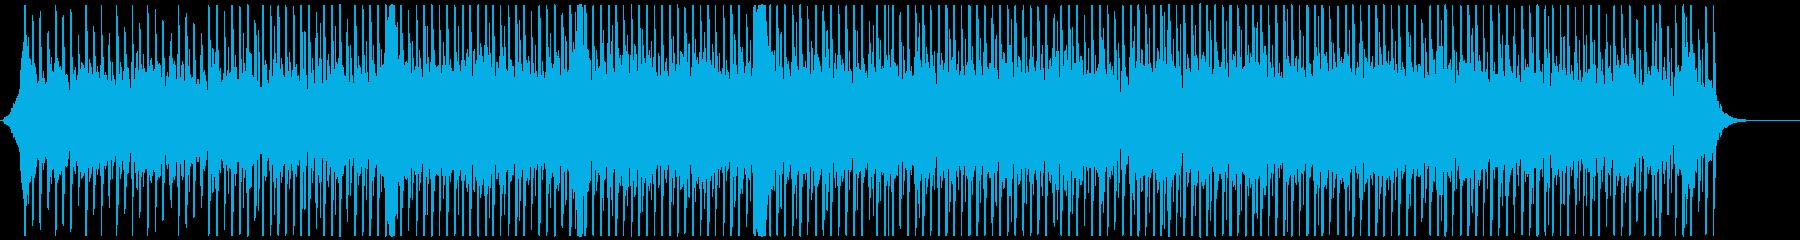 クリーンで爽やかな4つ打ちのコーポレートの再生済みの波形